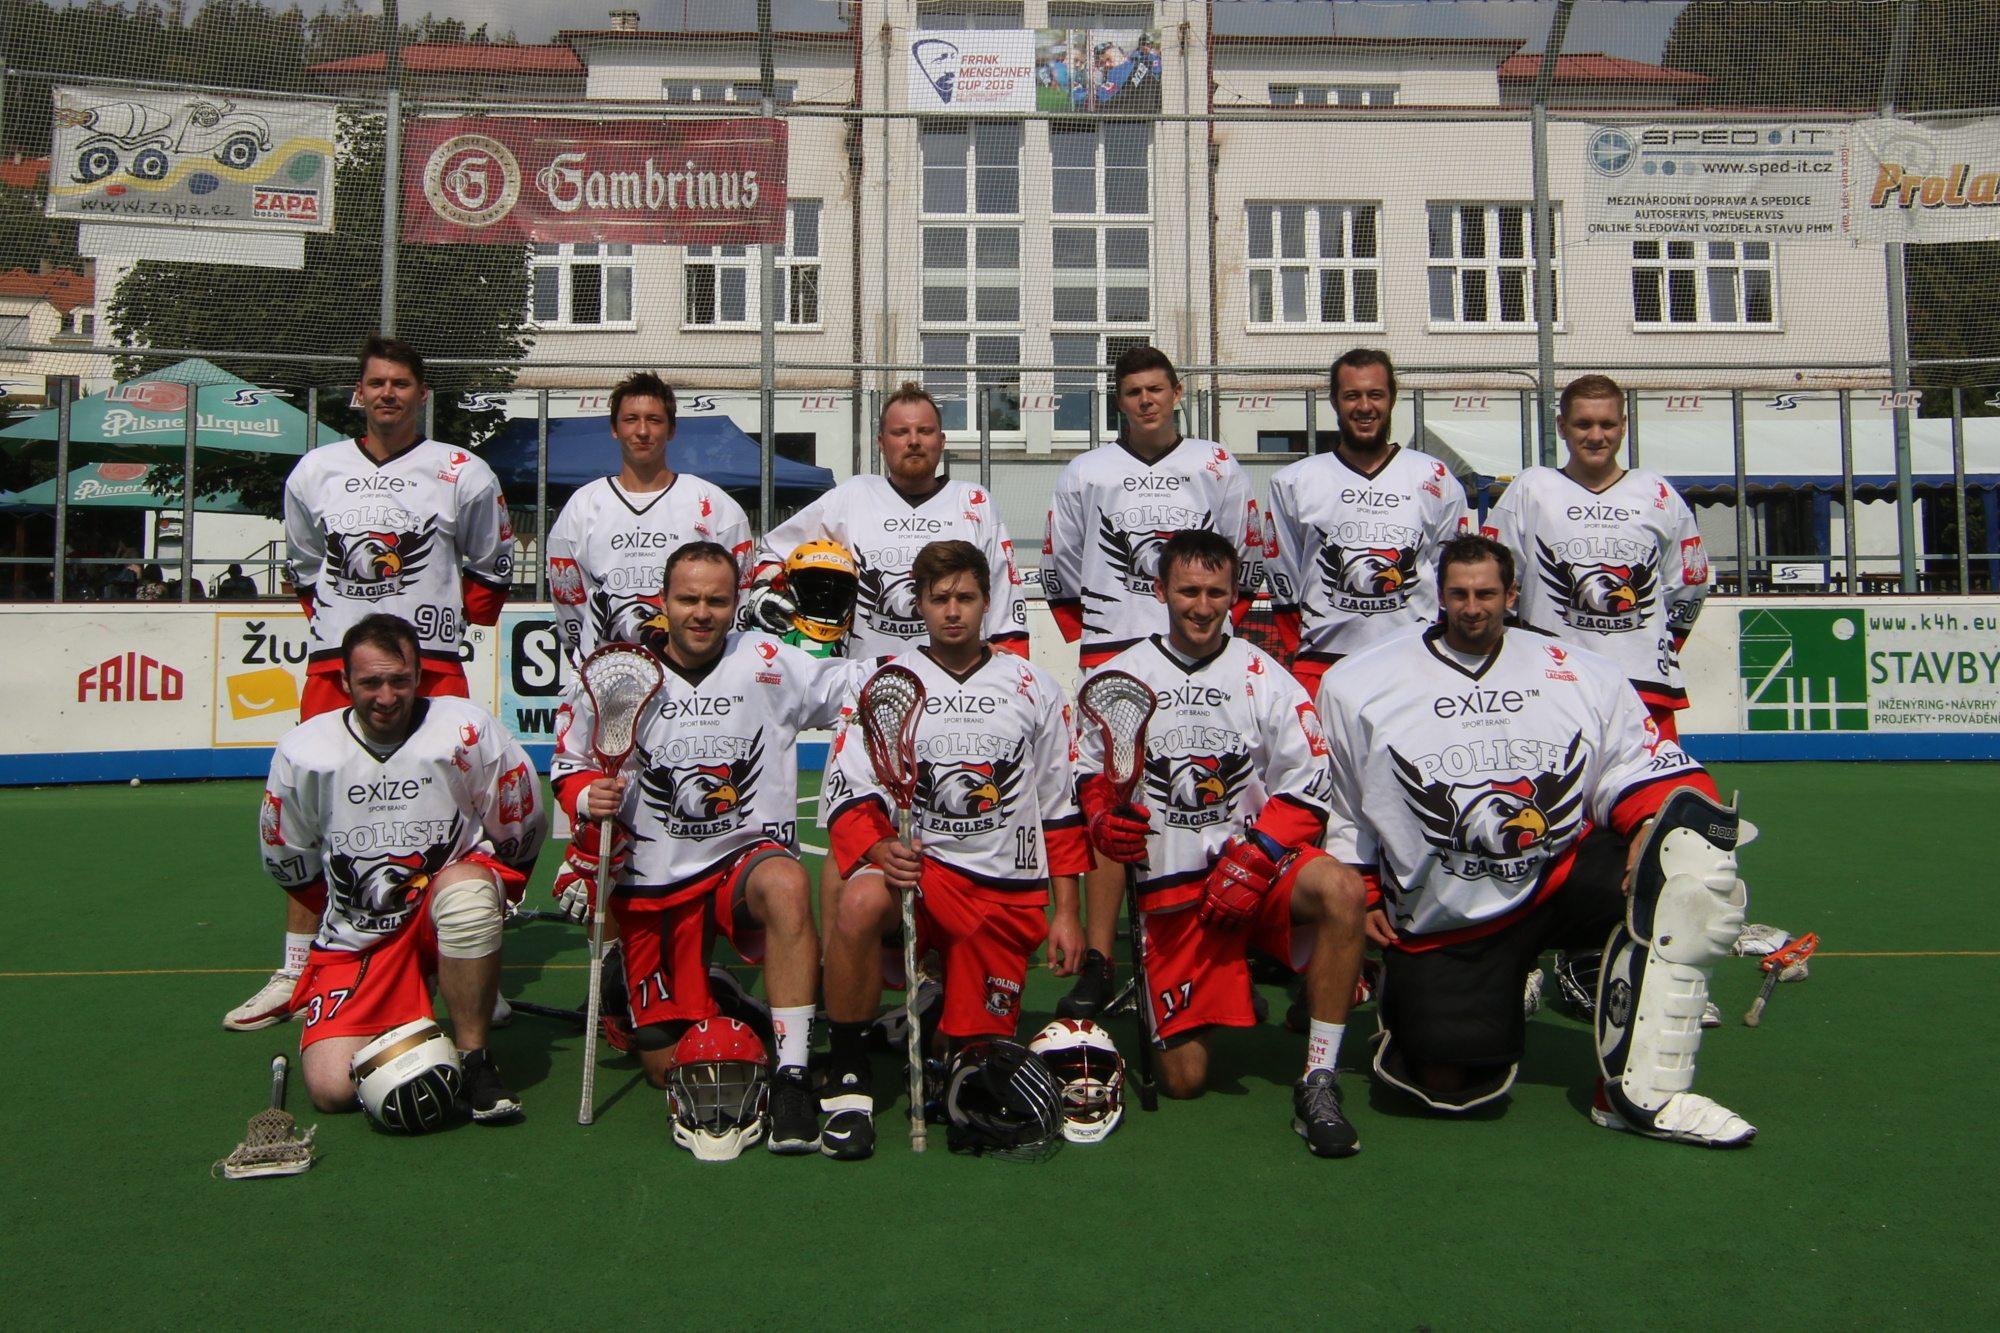 Frank Menschner Cup 2016 Polish Eagles